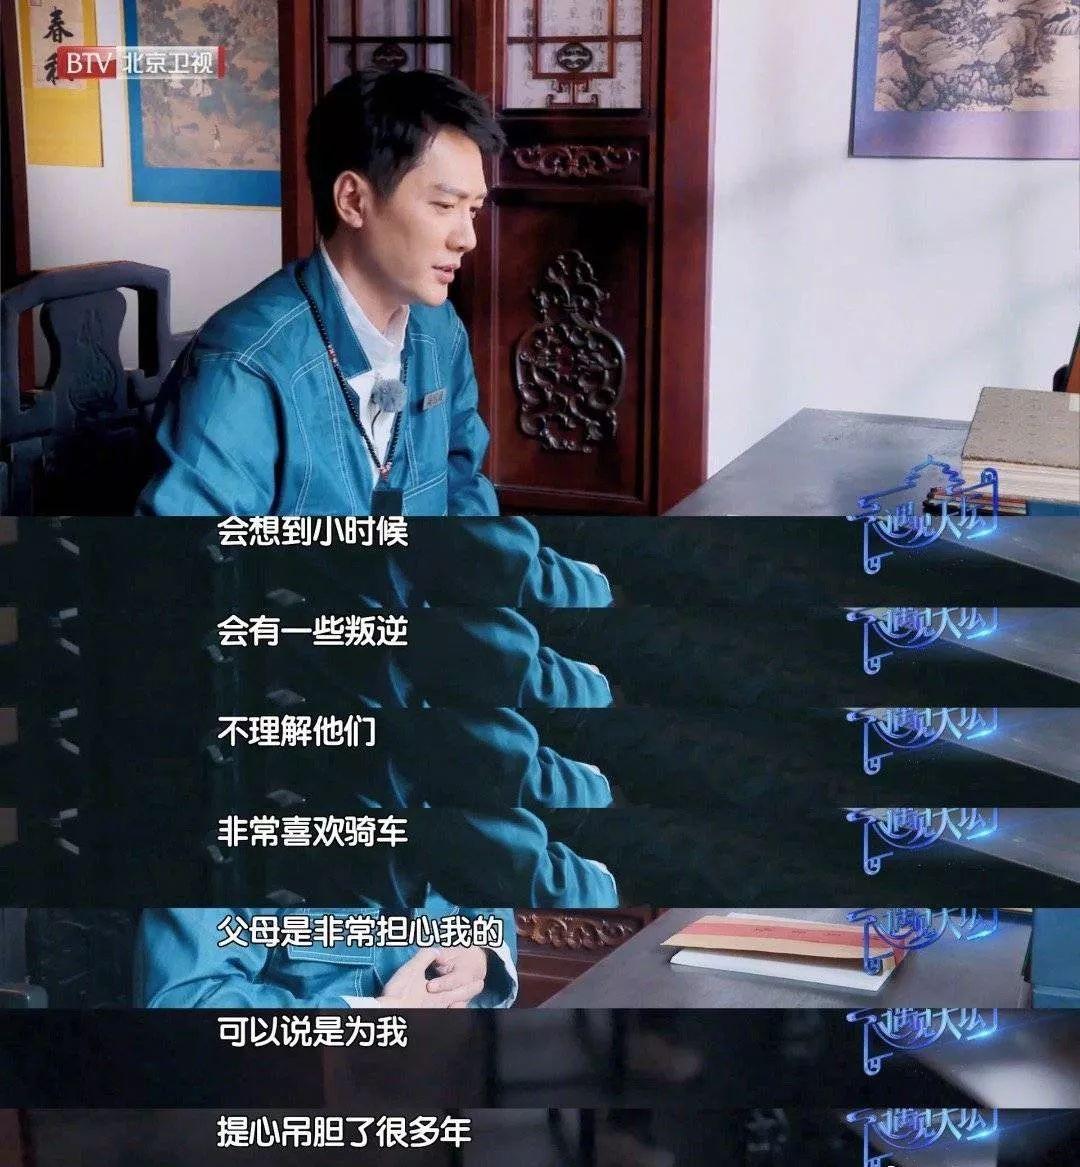 儿子也要富养【冯绍峰谈儿子首聊教育观:富养孩子,不如富养孩子的梦想